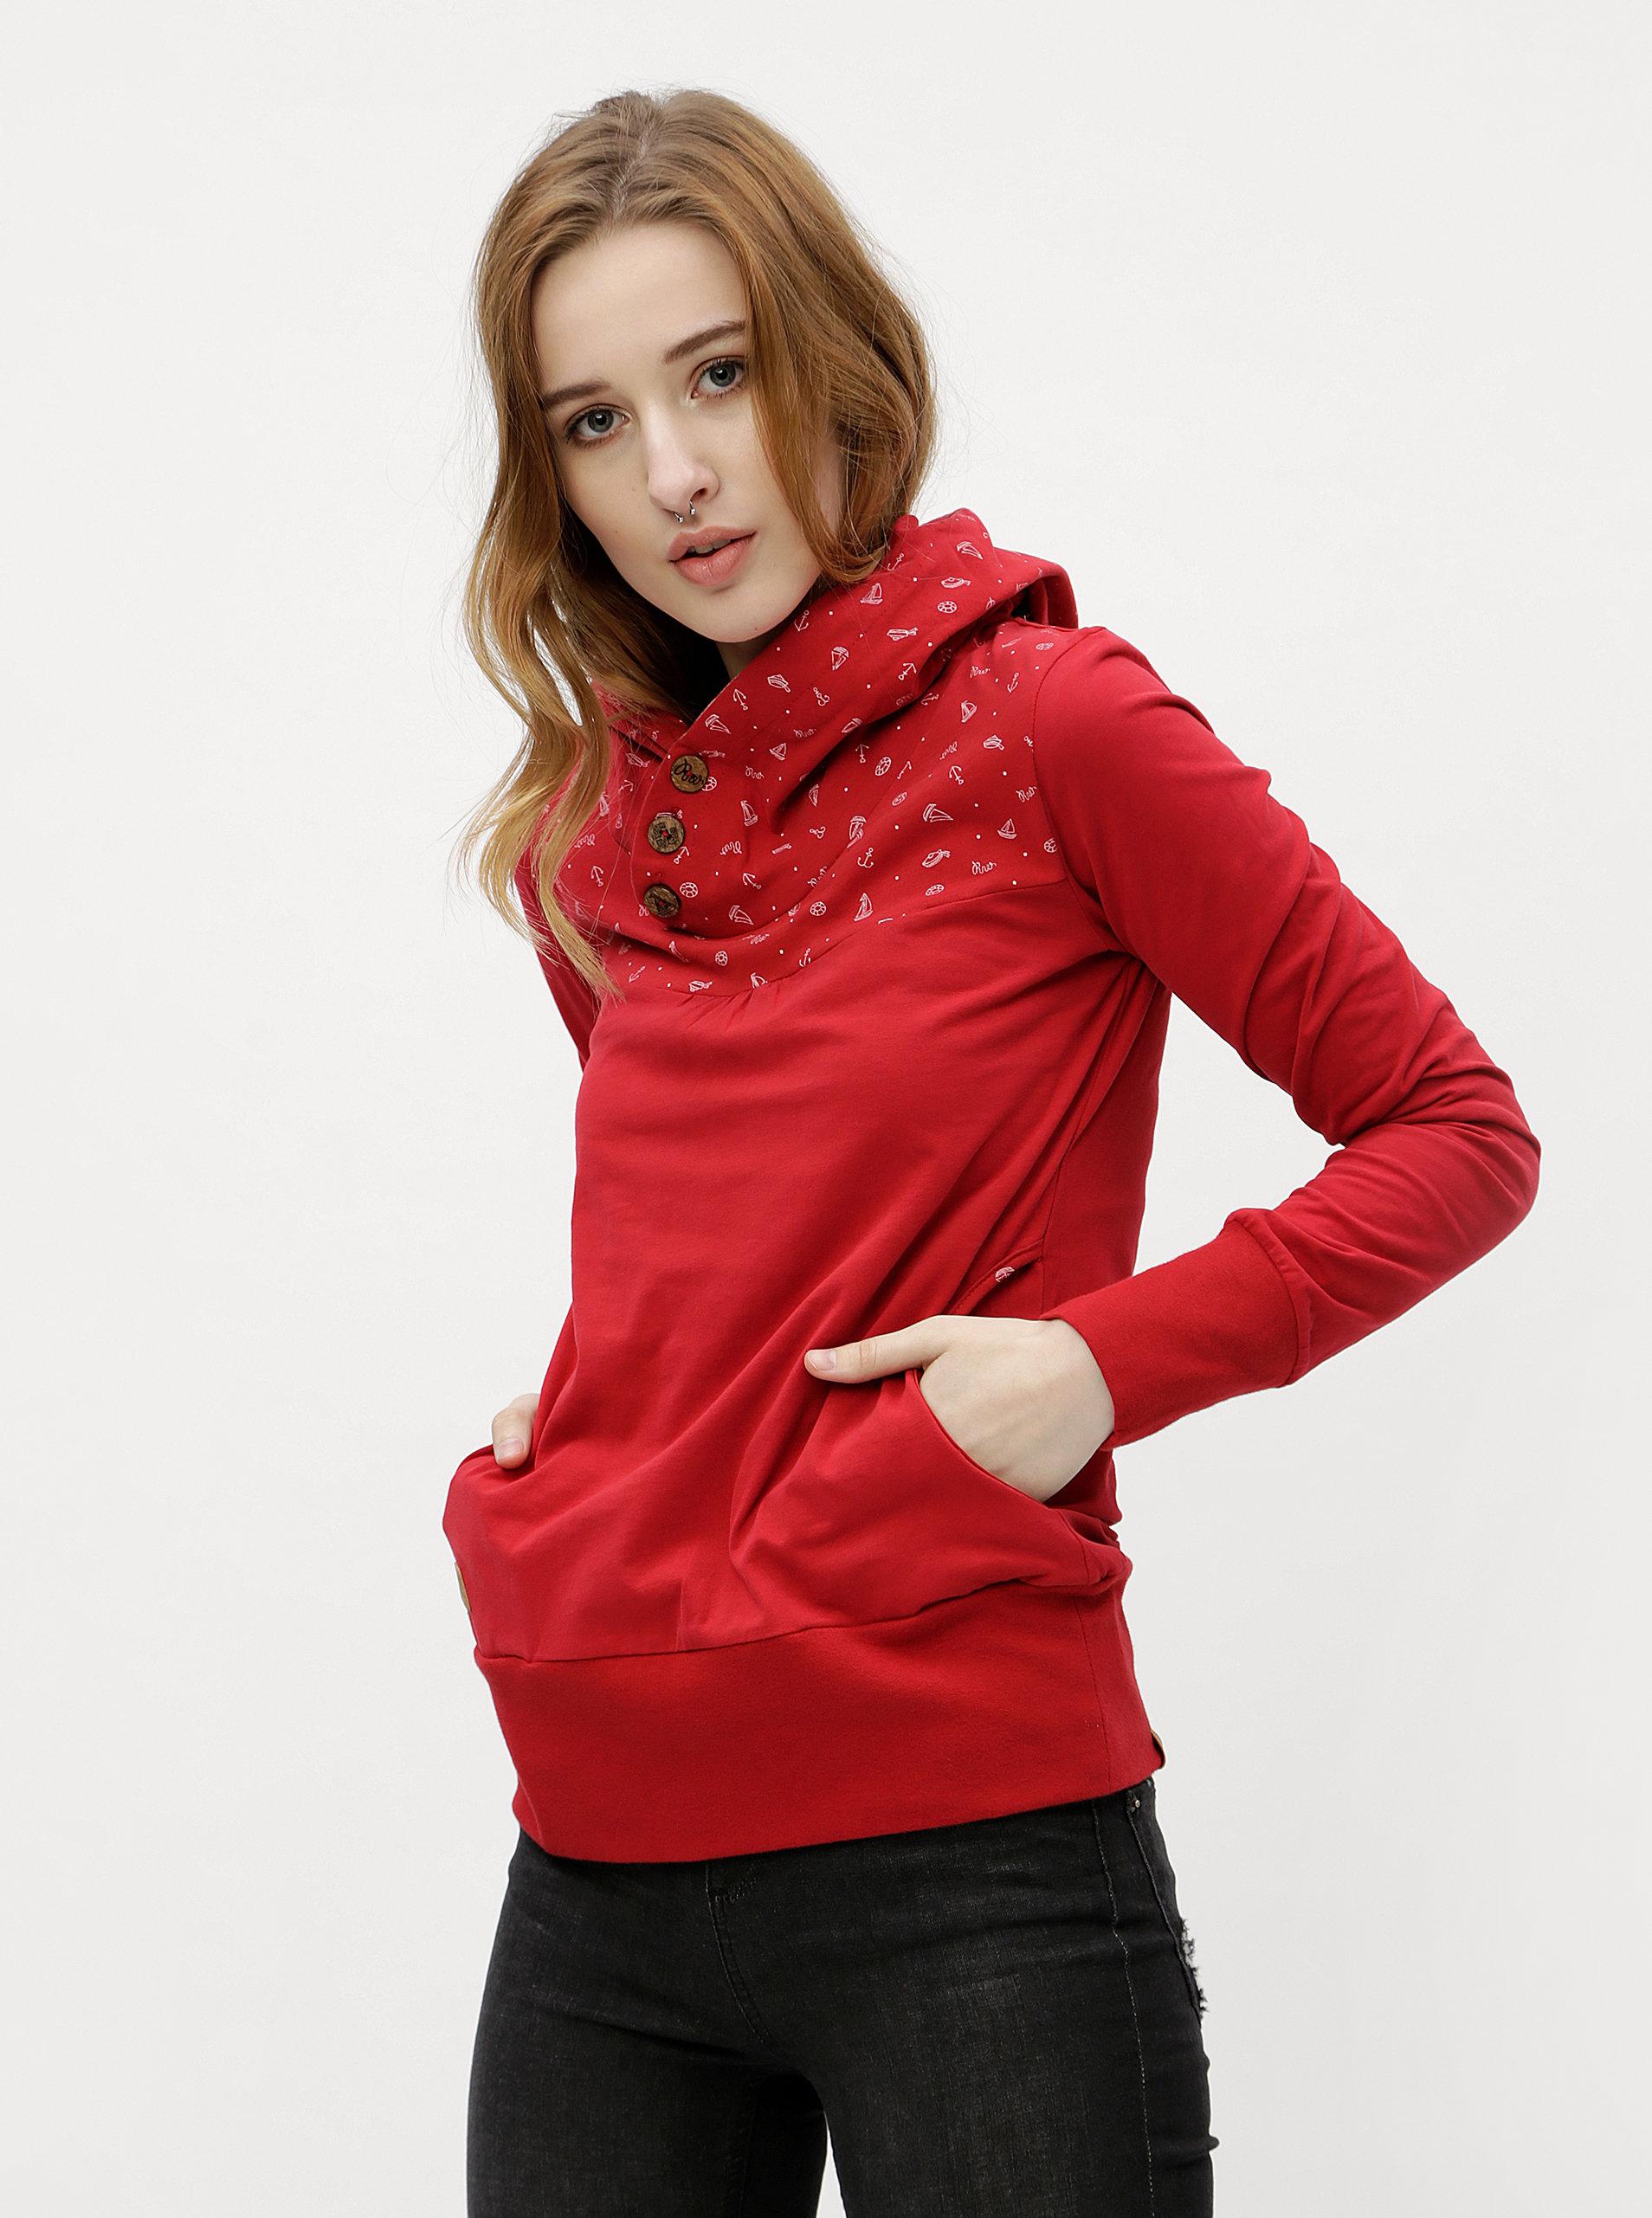 fb70b28e2a1c Červené dámske tričko s dlhým rukávom Ragwear Lucie ...